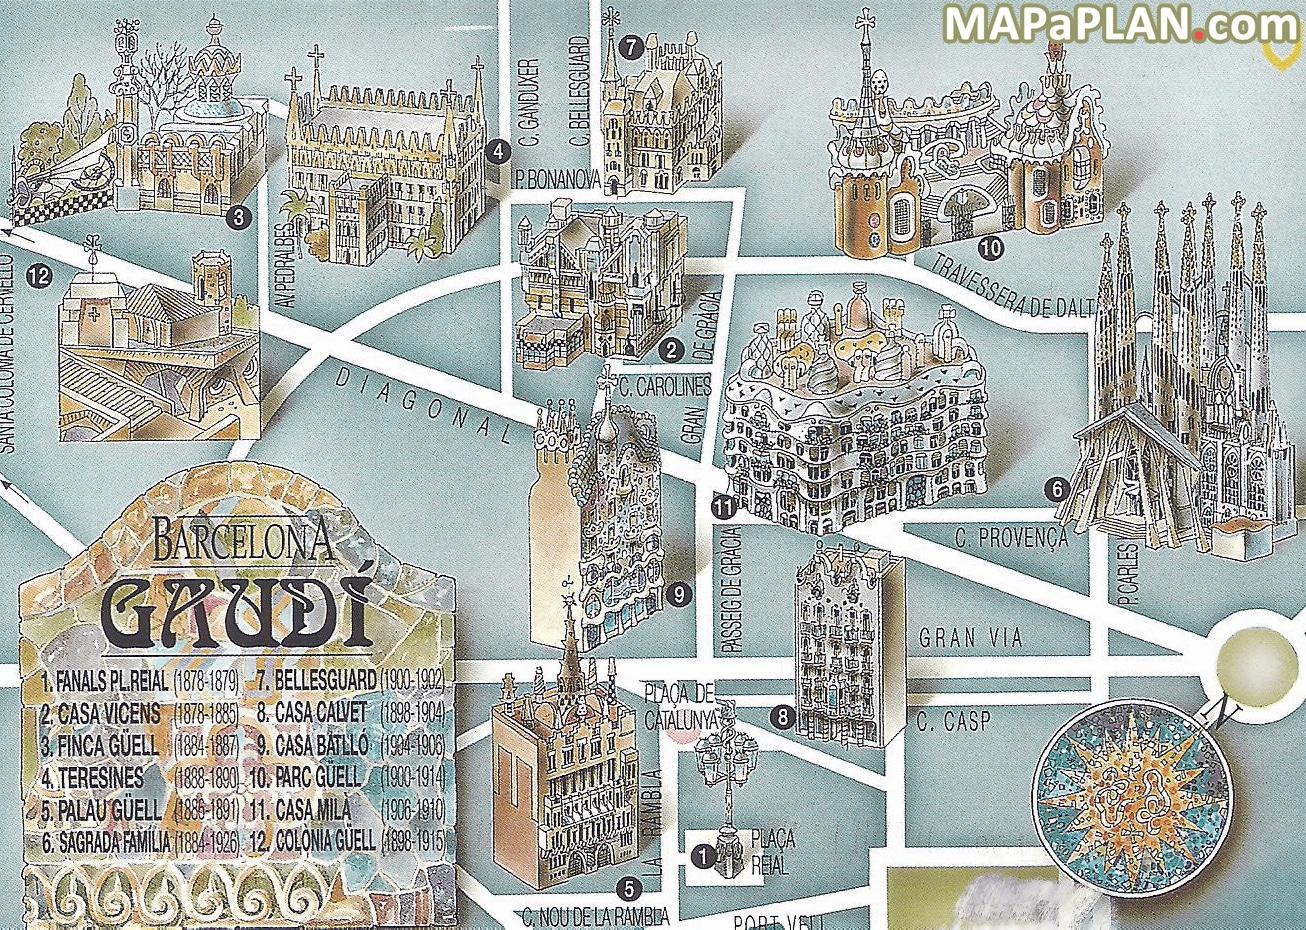 Carte Barcelone Place Despagne.Cartes Et Plans Detailles De Barcelone